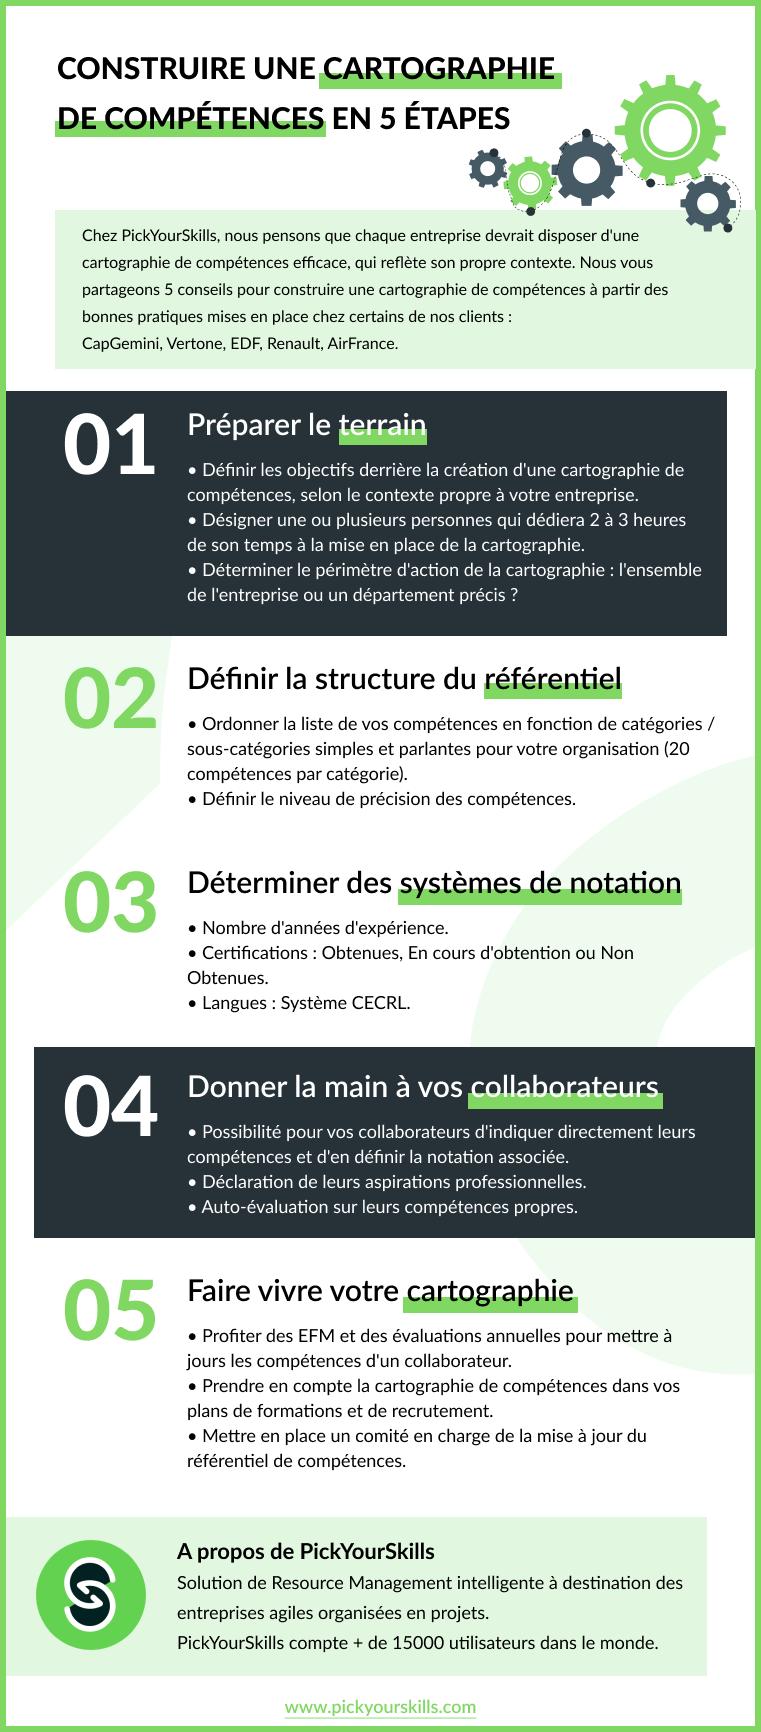 infographie : construire une cartographie de compétences en 5 étapes